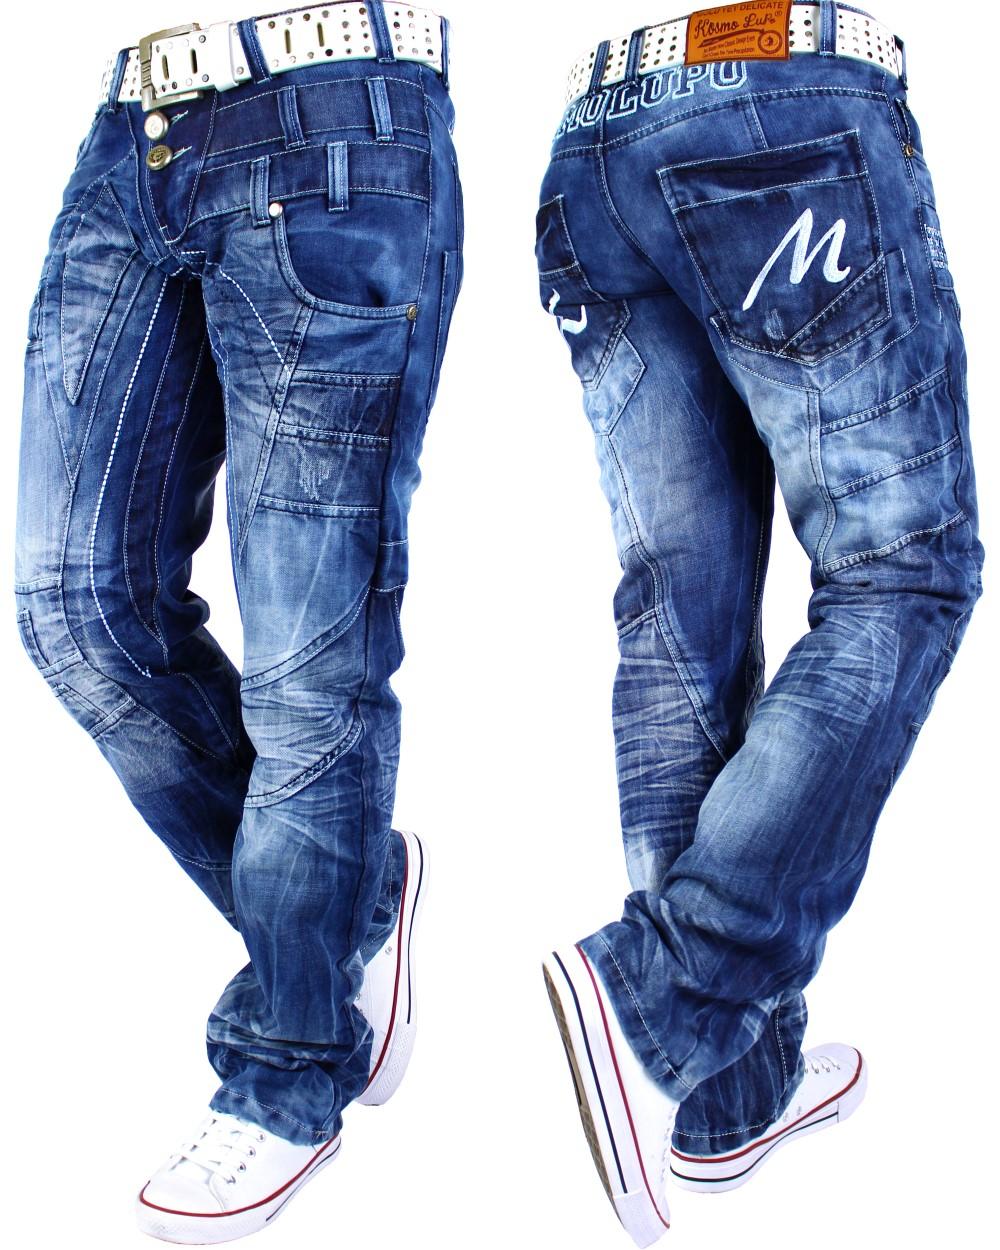 herren jeans hose mens pants straight slim cut fit cargo denim top mod marken ebay. Black Bedroom Furniture Sets. Home Design Ideas